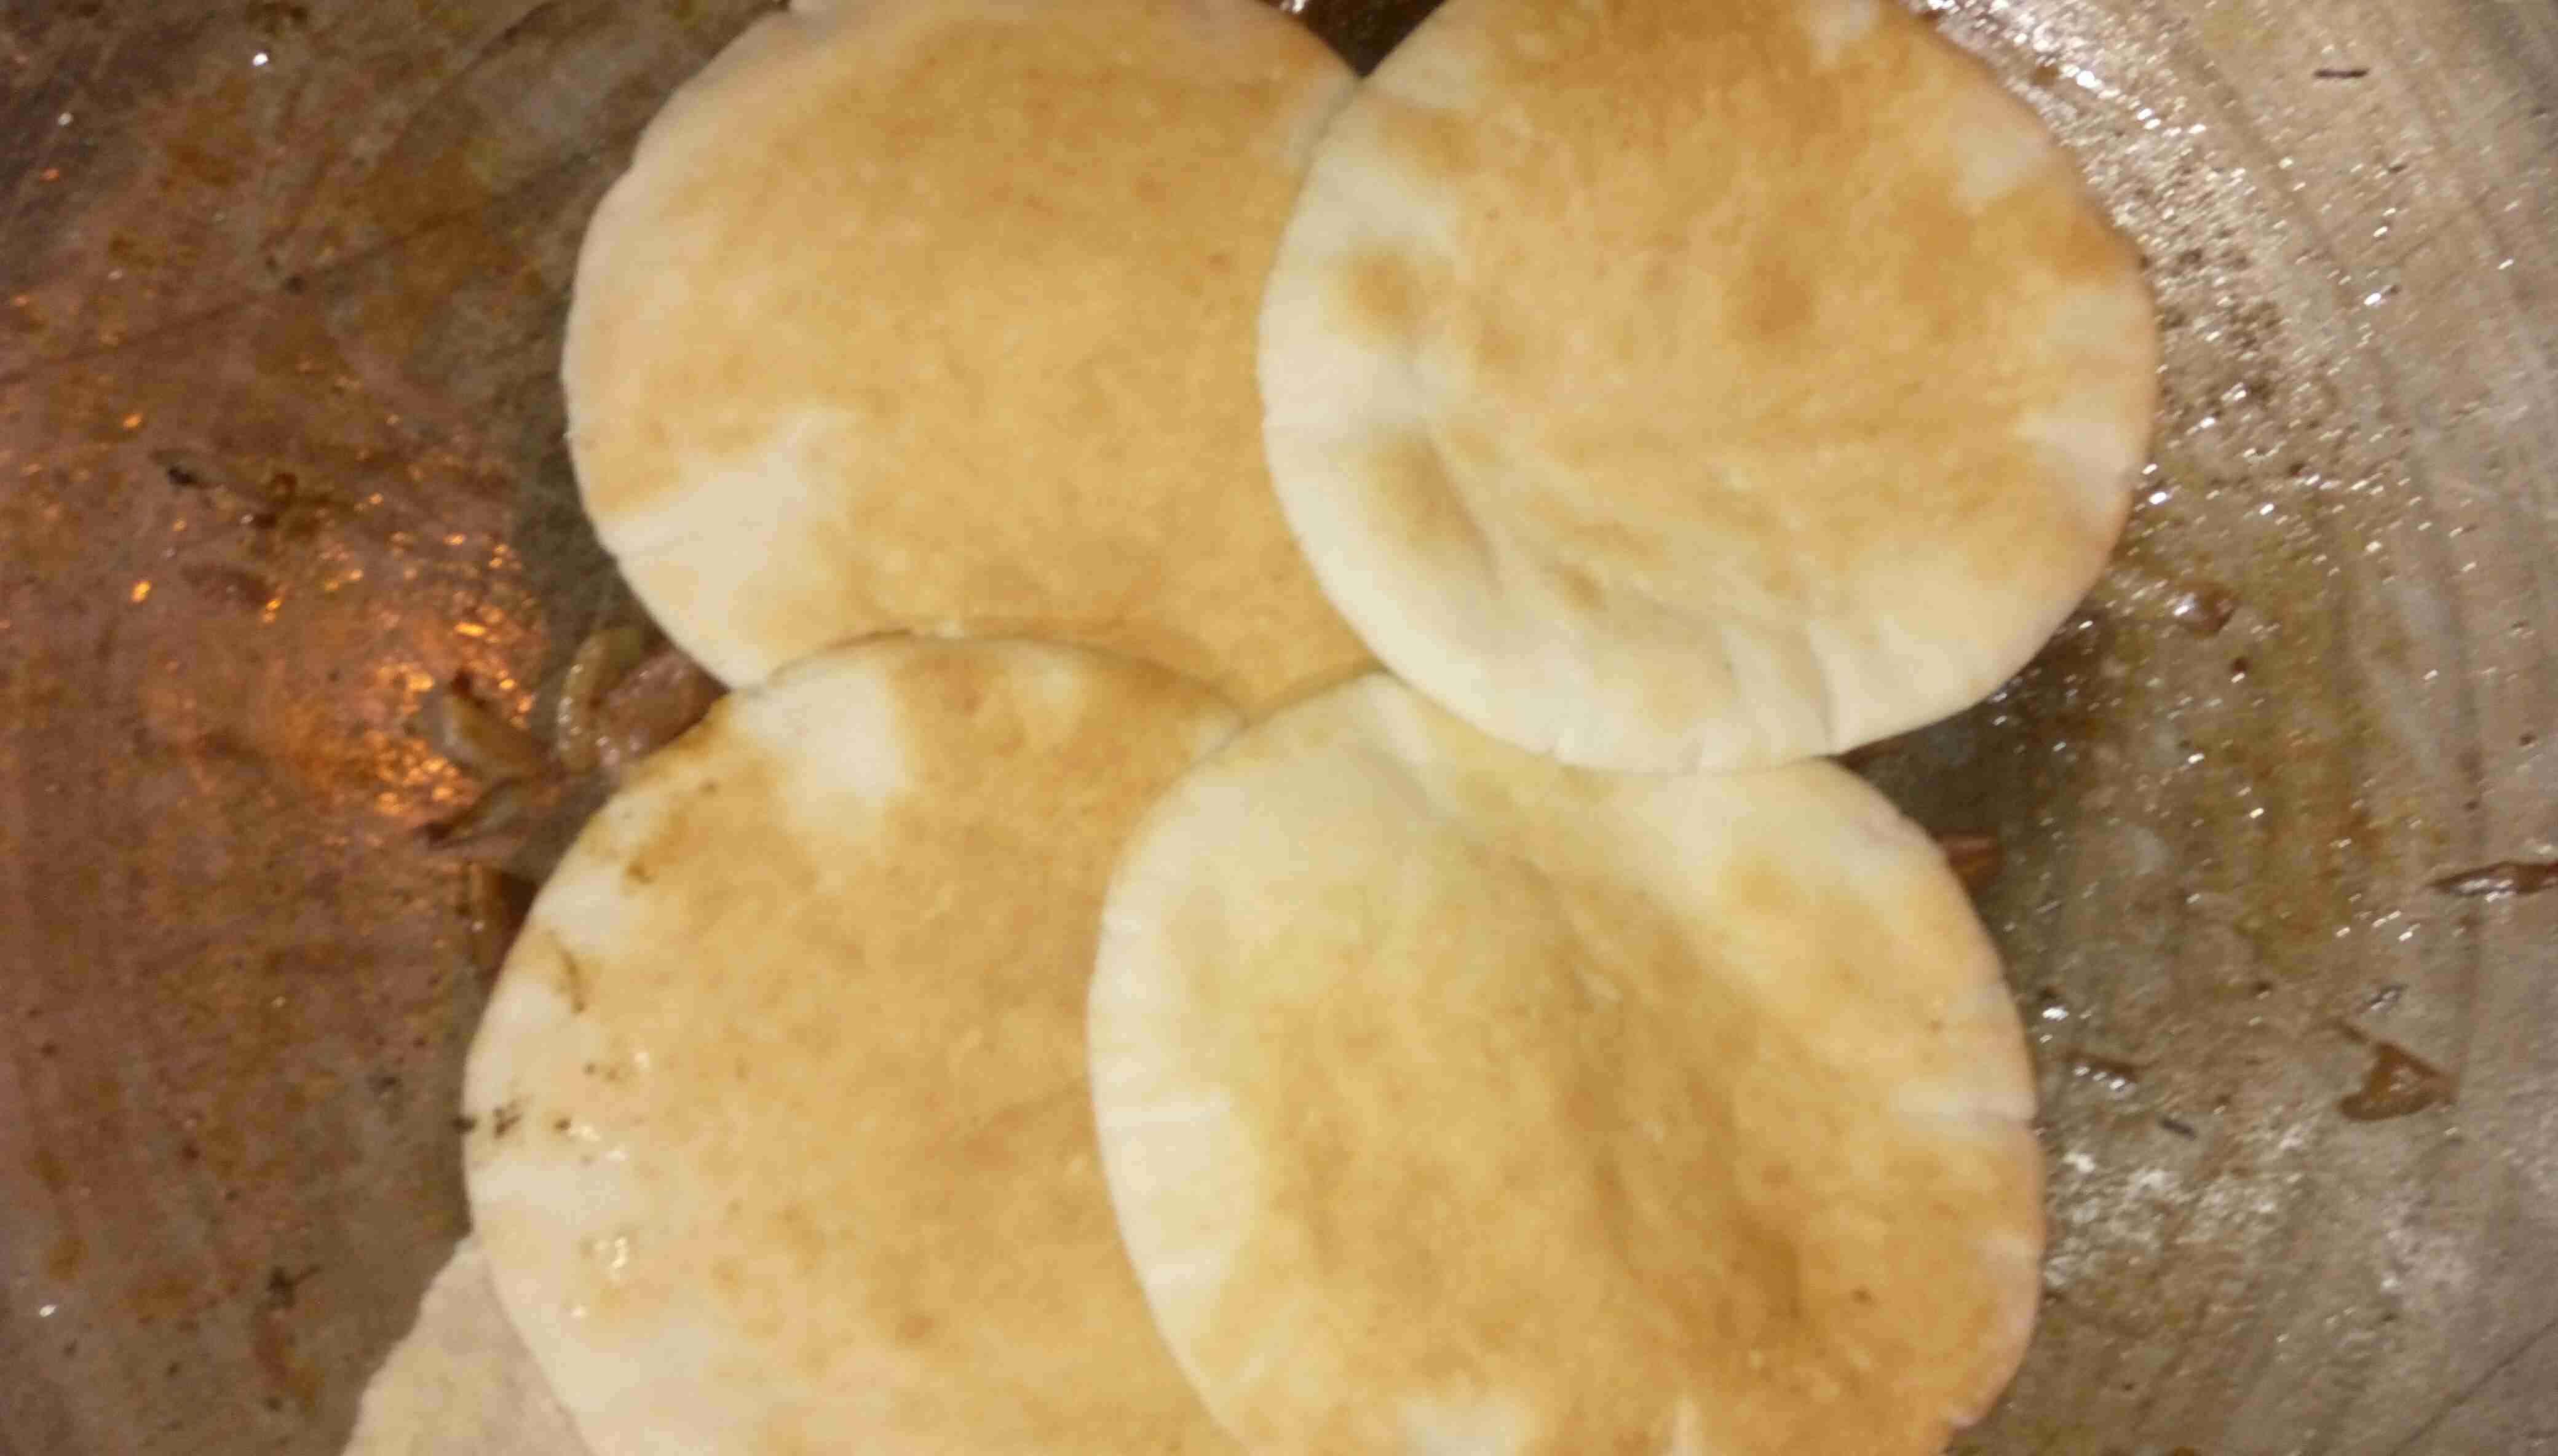 صاجية ولا اروع يممممي بتشهي تعلمتها من اخوي على الفحم زاكي Food Arabic Food Snack Recipes